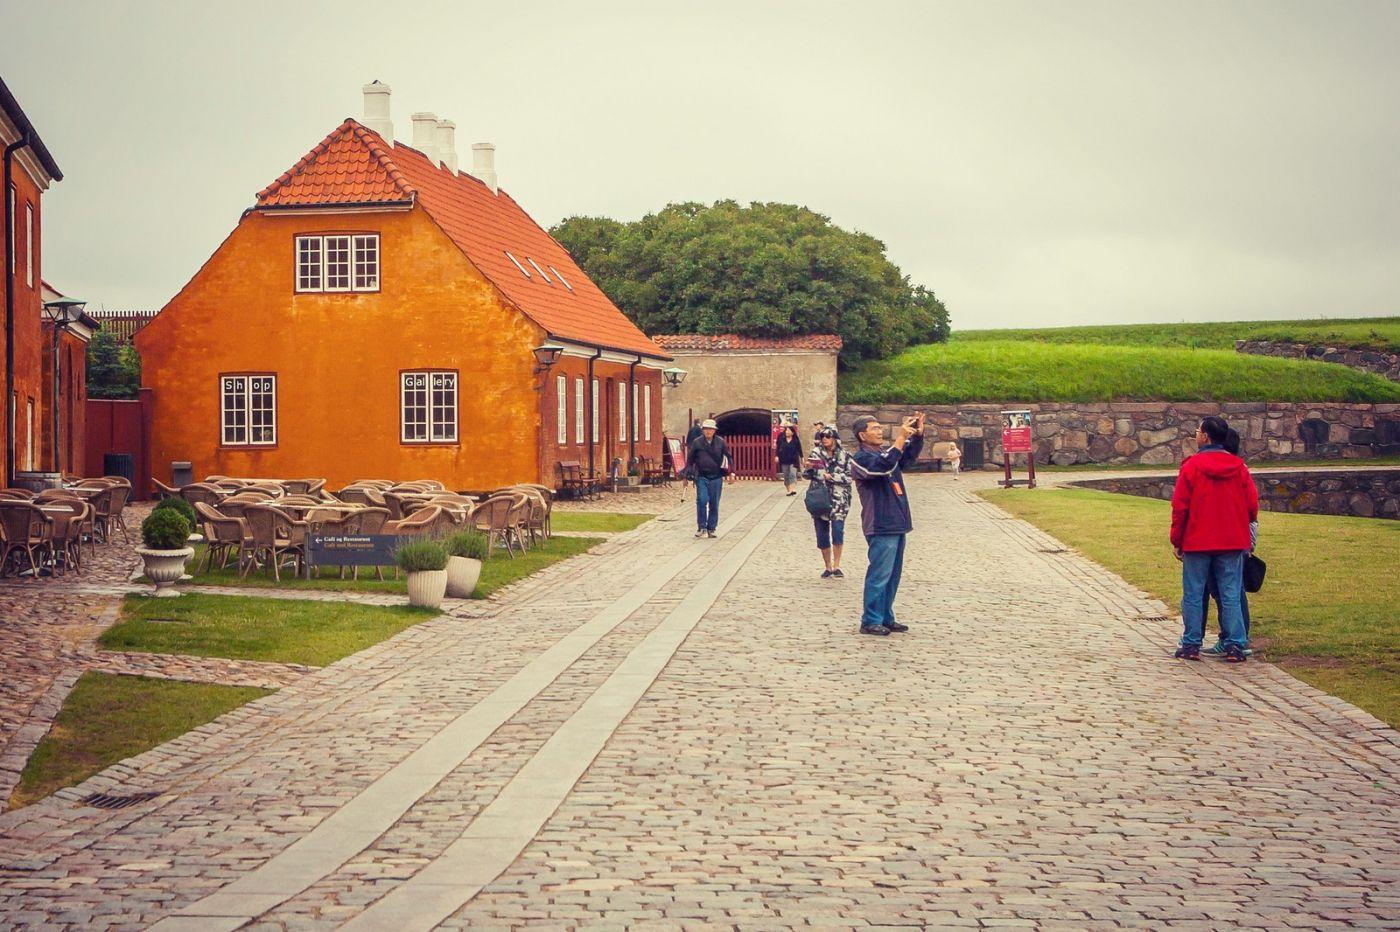 丹麦腓特烈堡城堡,当年的风采_图1-35